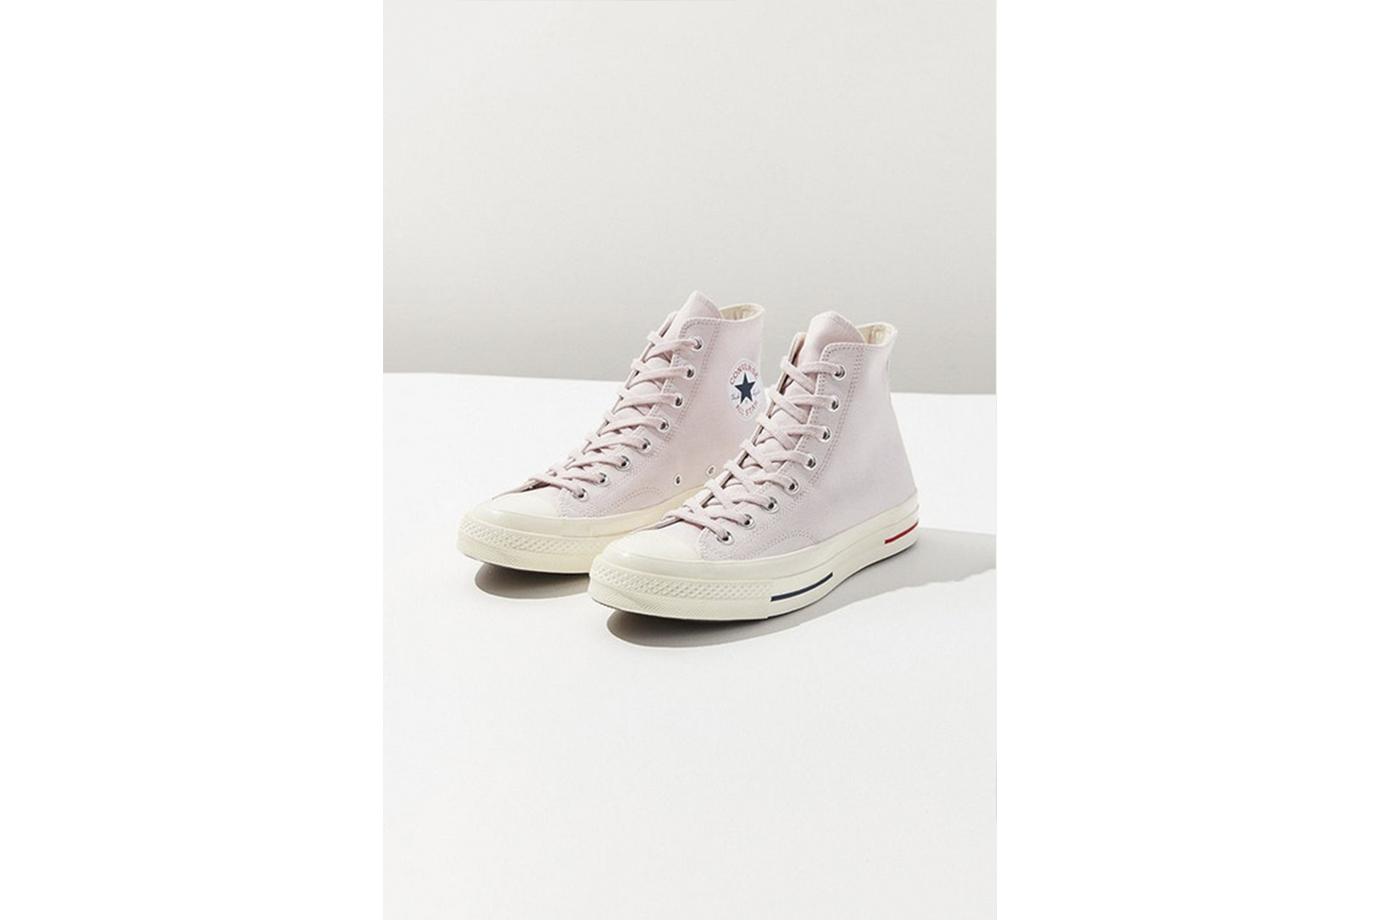 Converse 全新粉色鞋款好適合迎接夏日